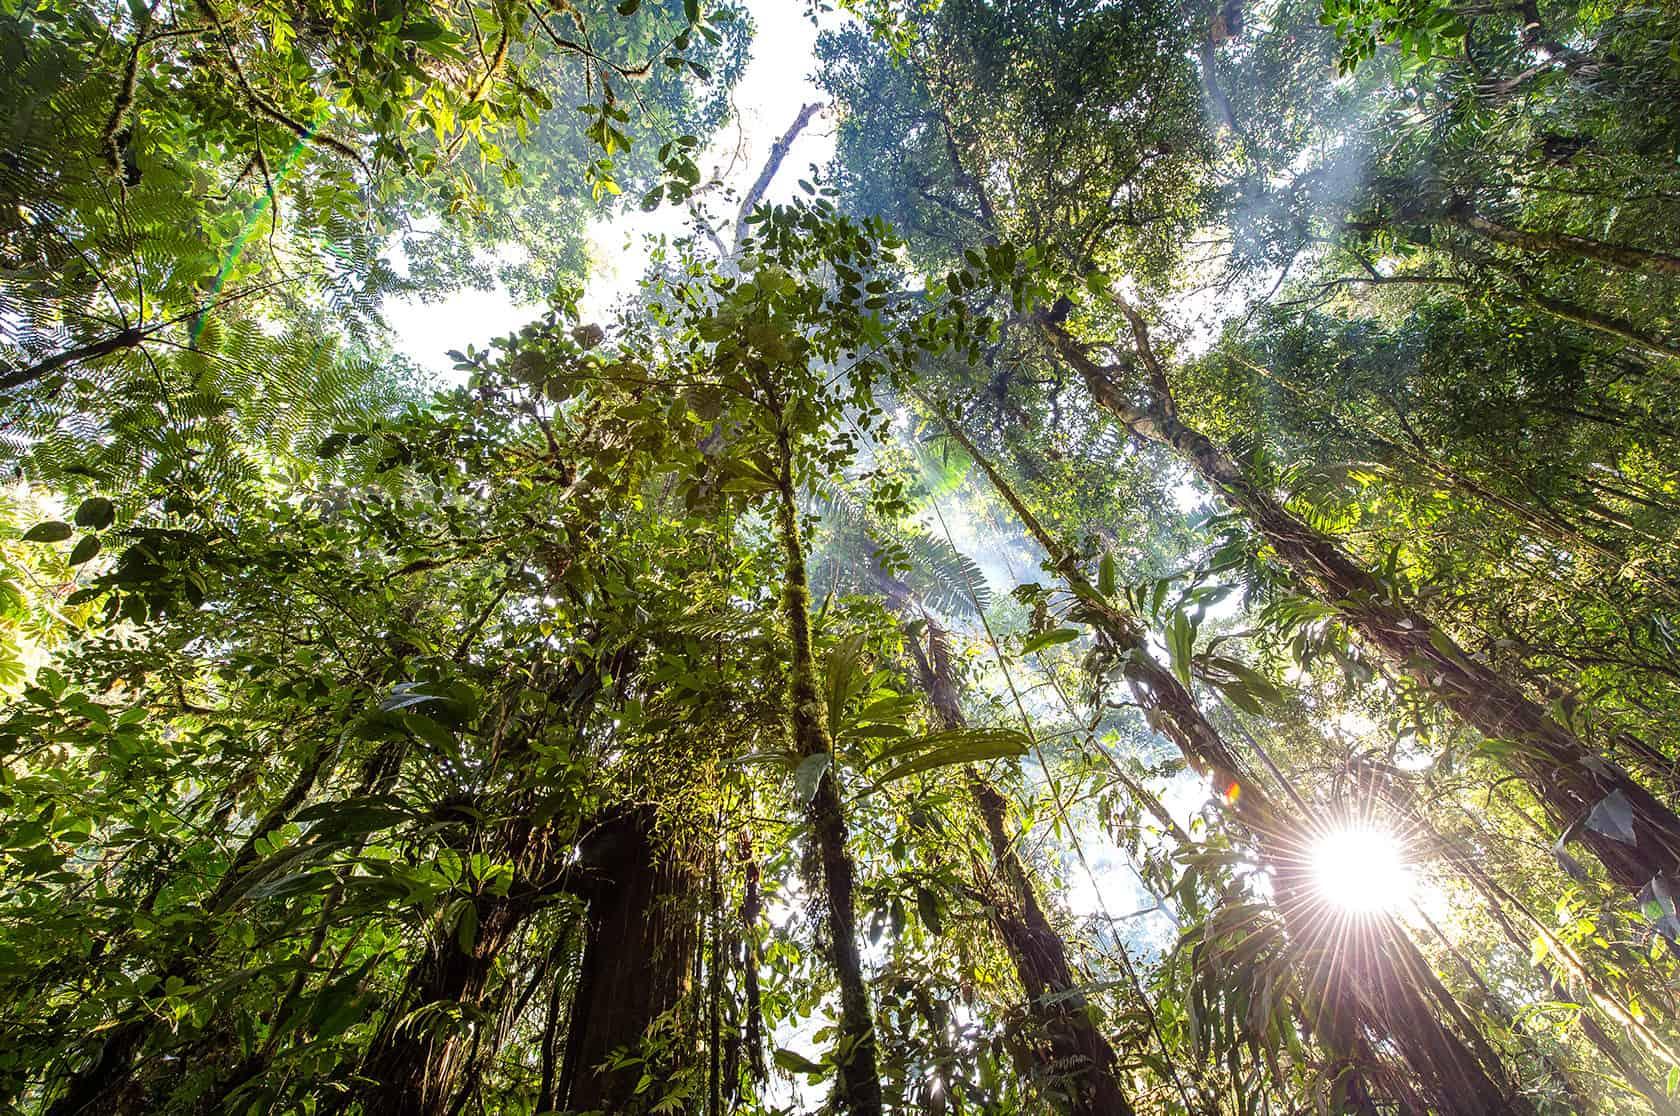 Oplyste trækroner i regnskoven